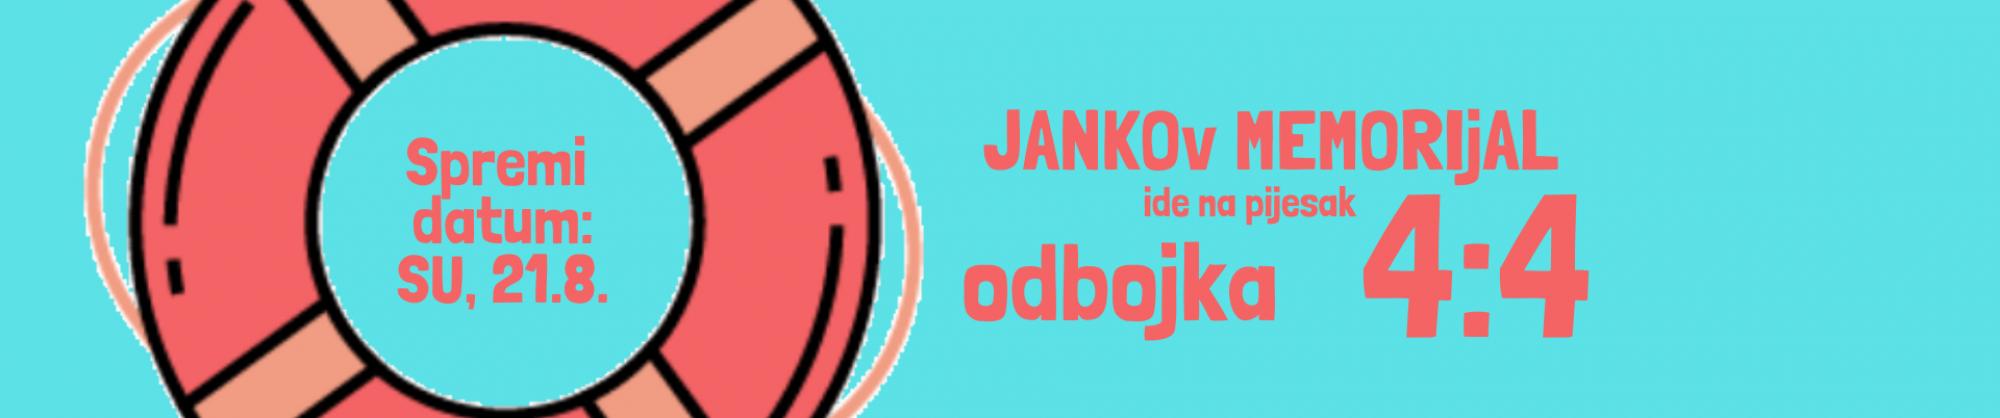 Jankov Memorial